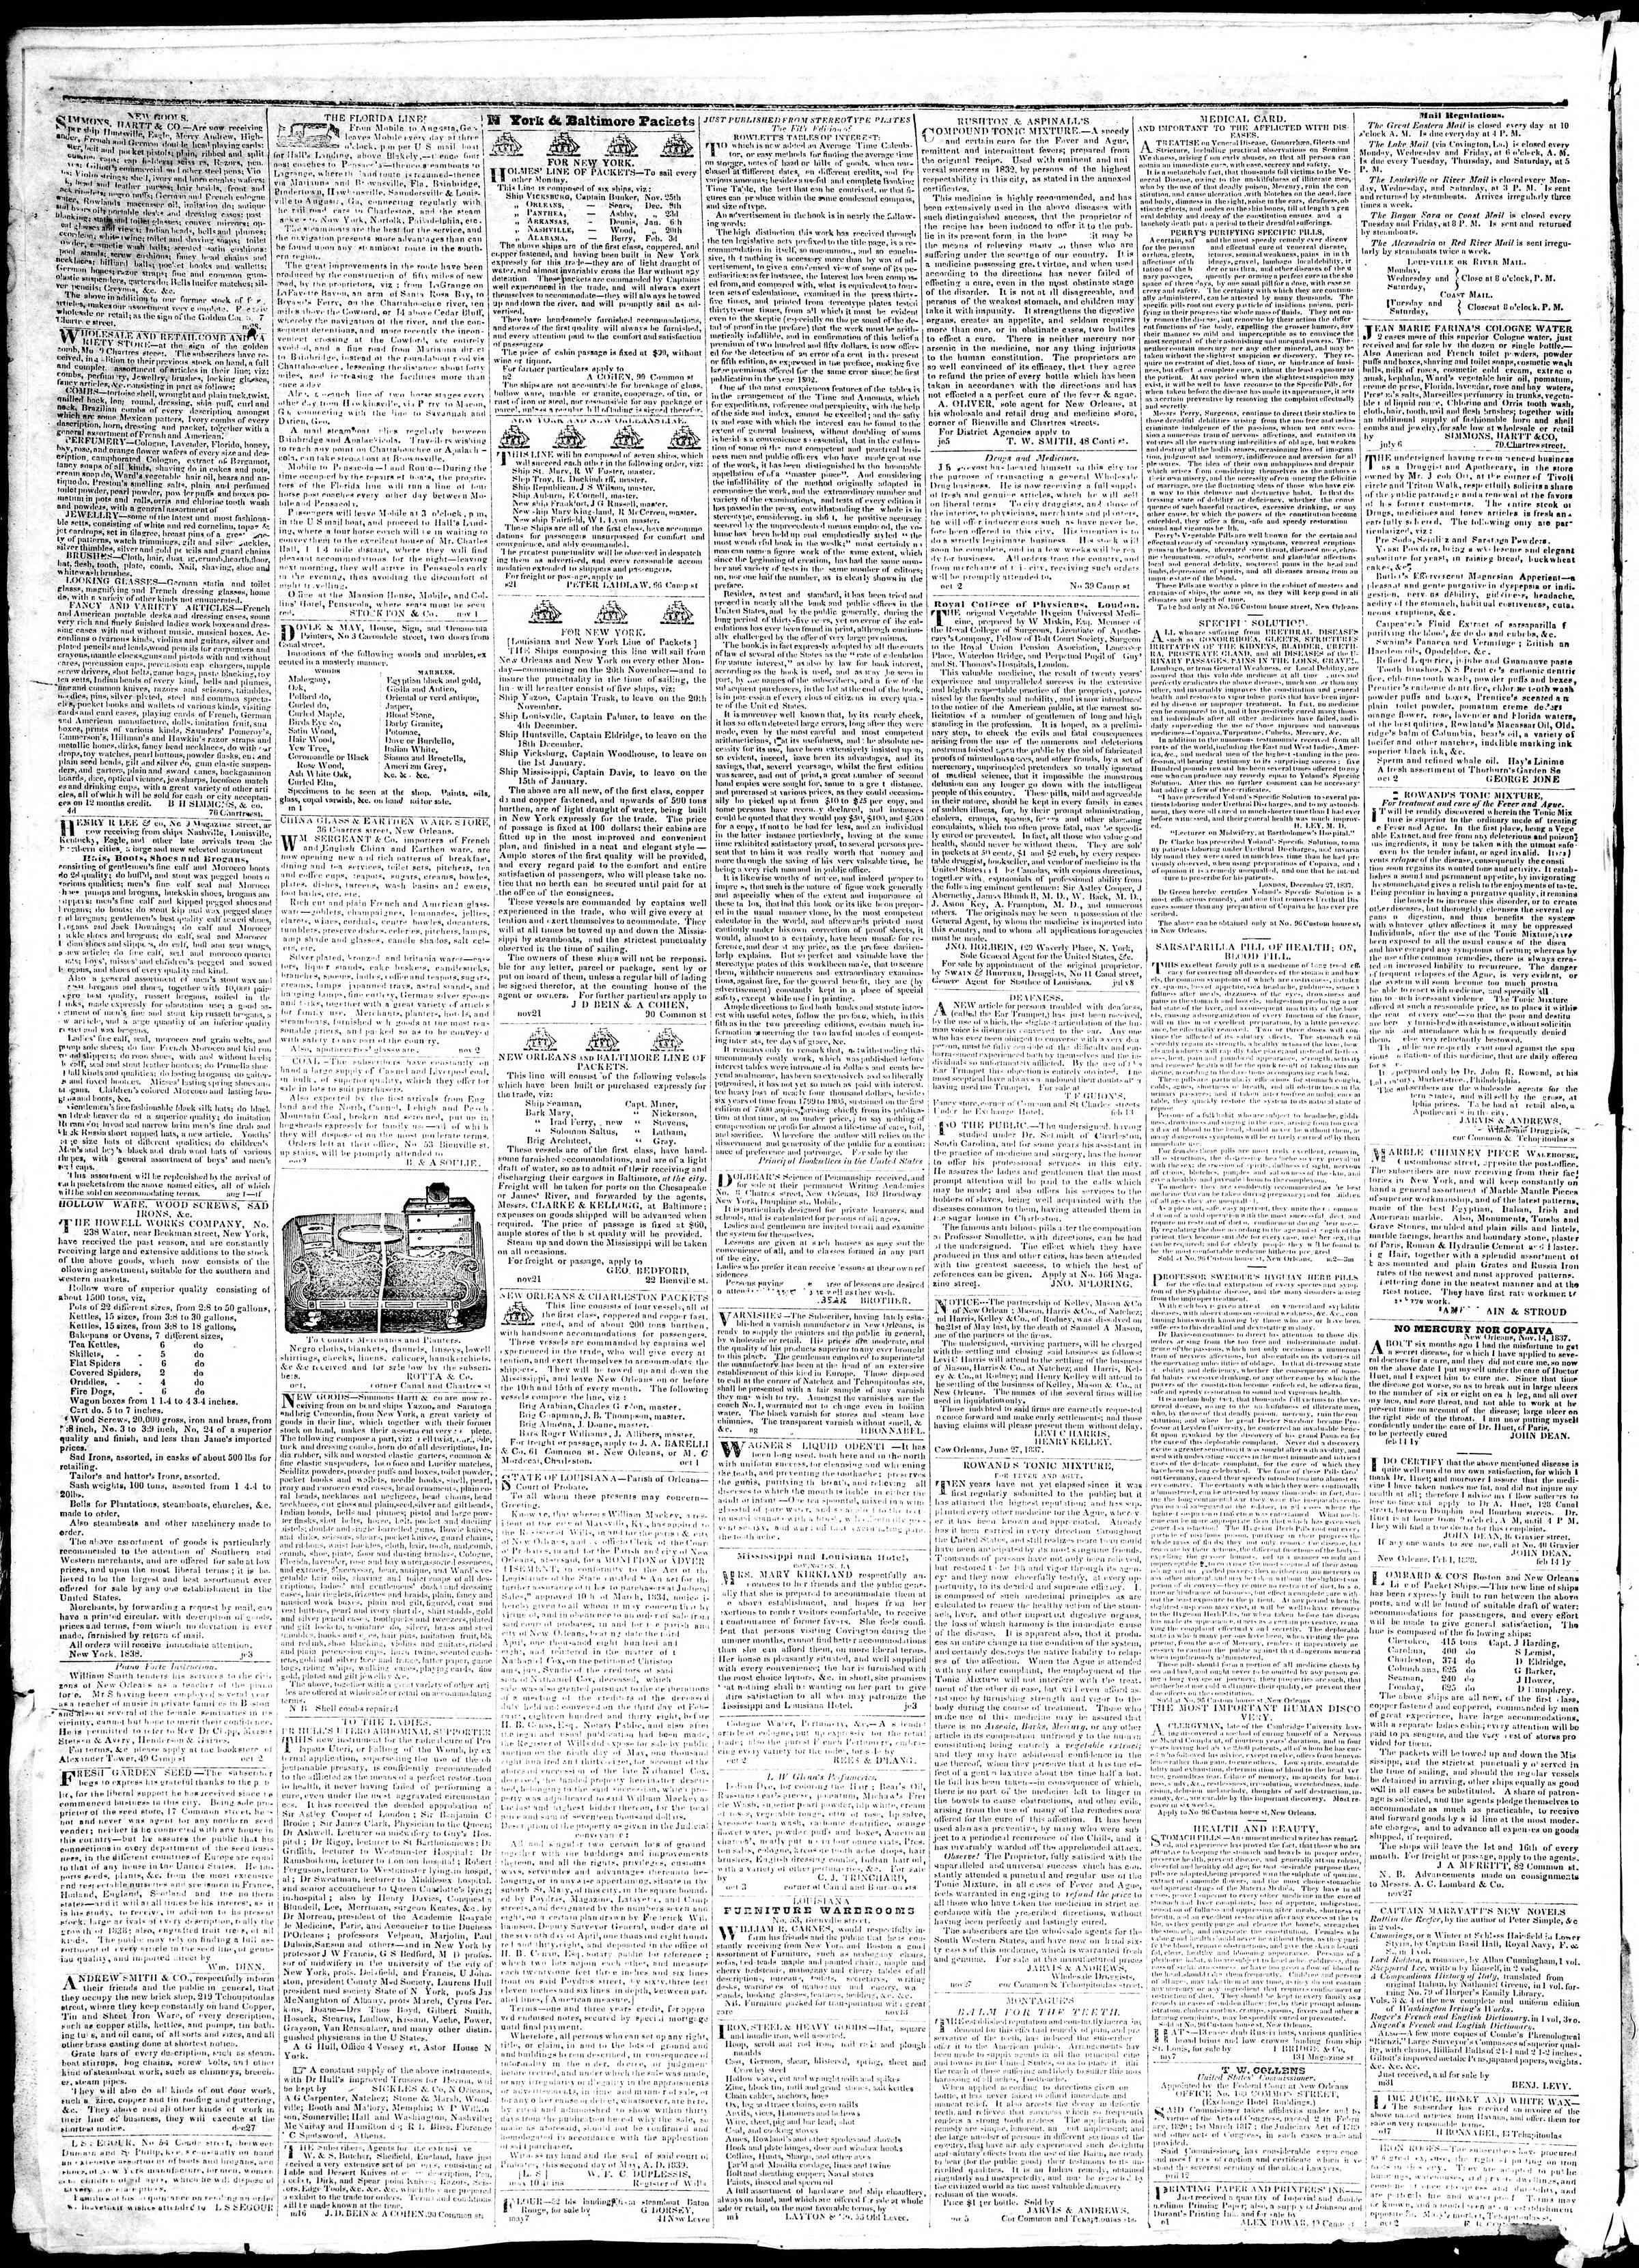 December 10, 1839 Tarihli True American Gazetesi Sayfa 4